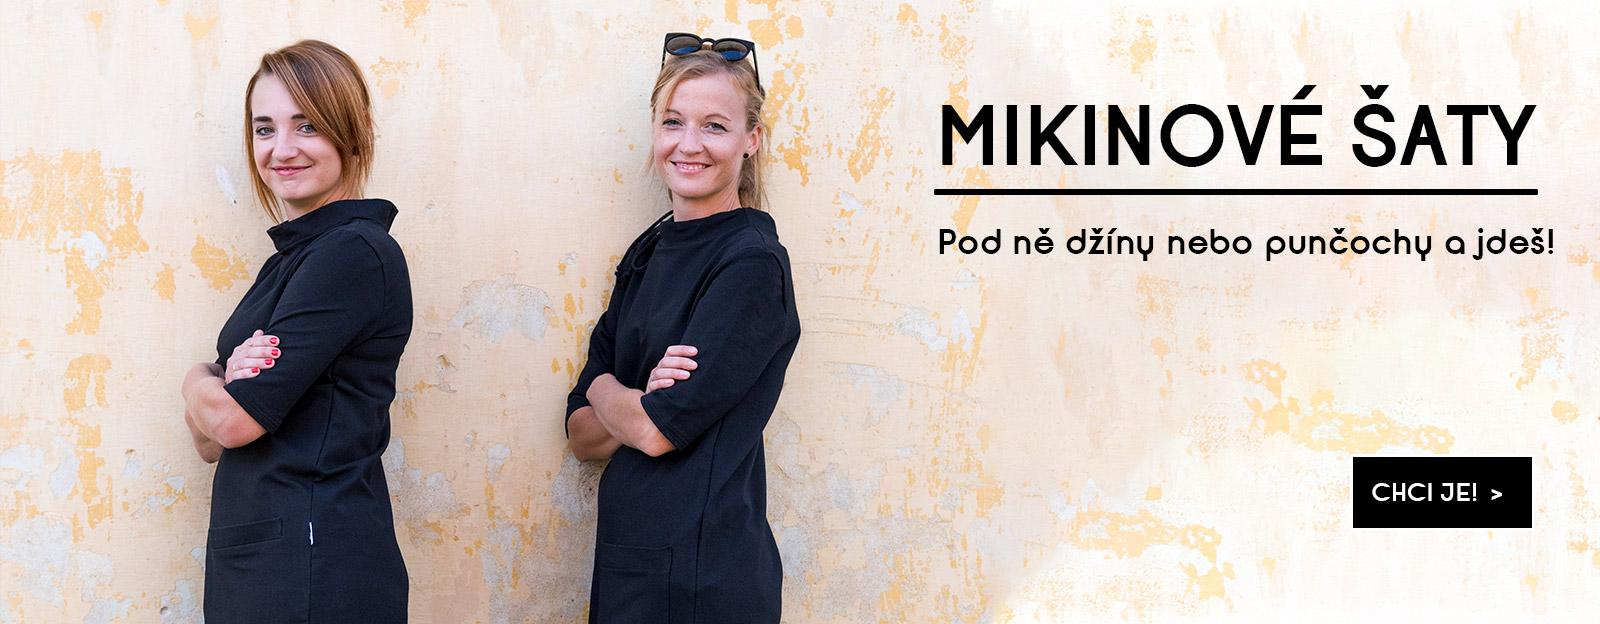 Mikinové šaty